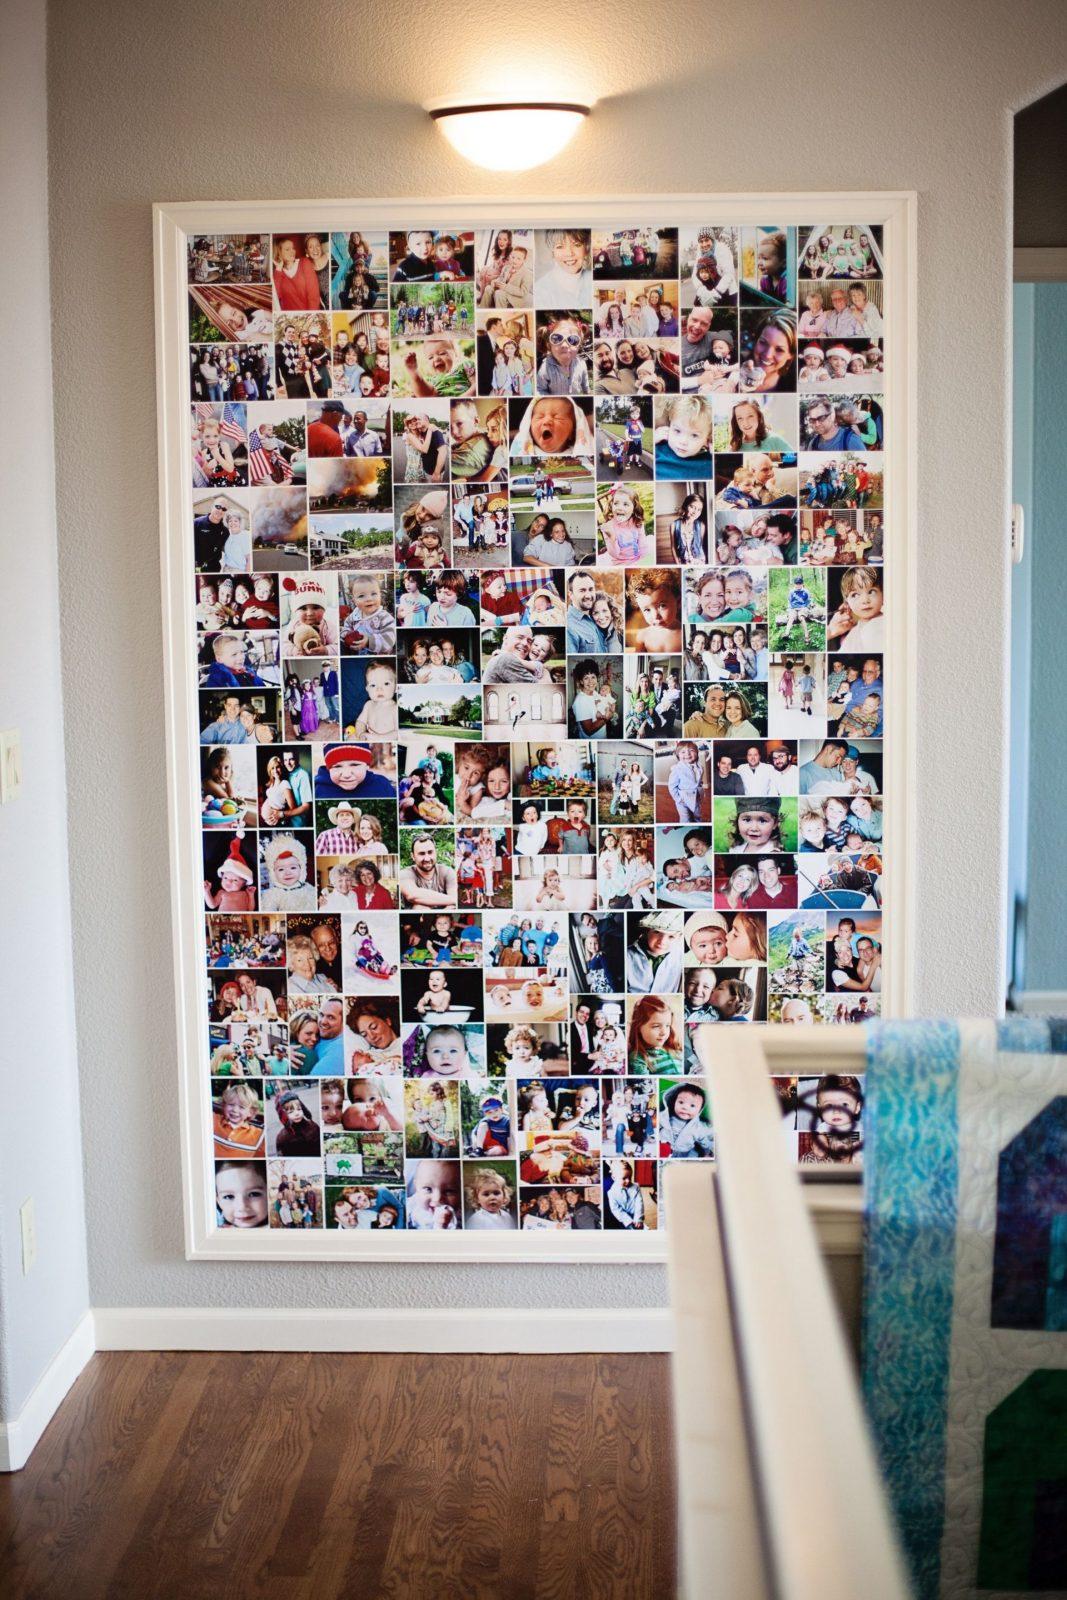 Fotos Fotocollage Im Riesenbilderrahmen Für Schöne Erinnerungen von Fotocollage Selber Machen Ideen Photo